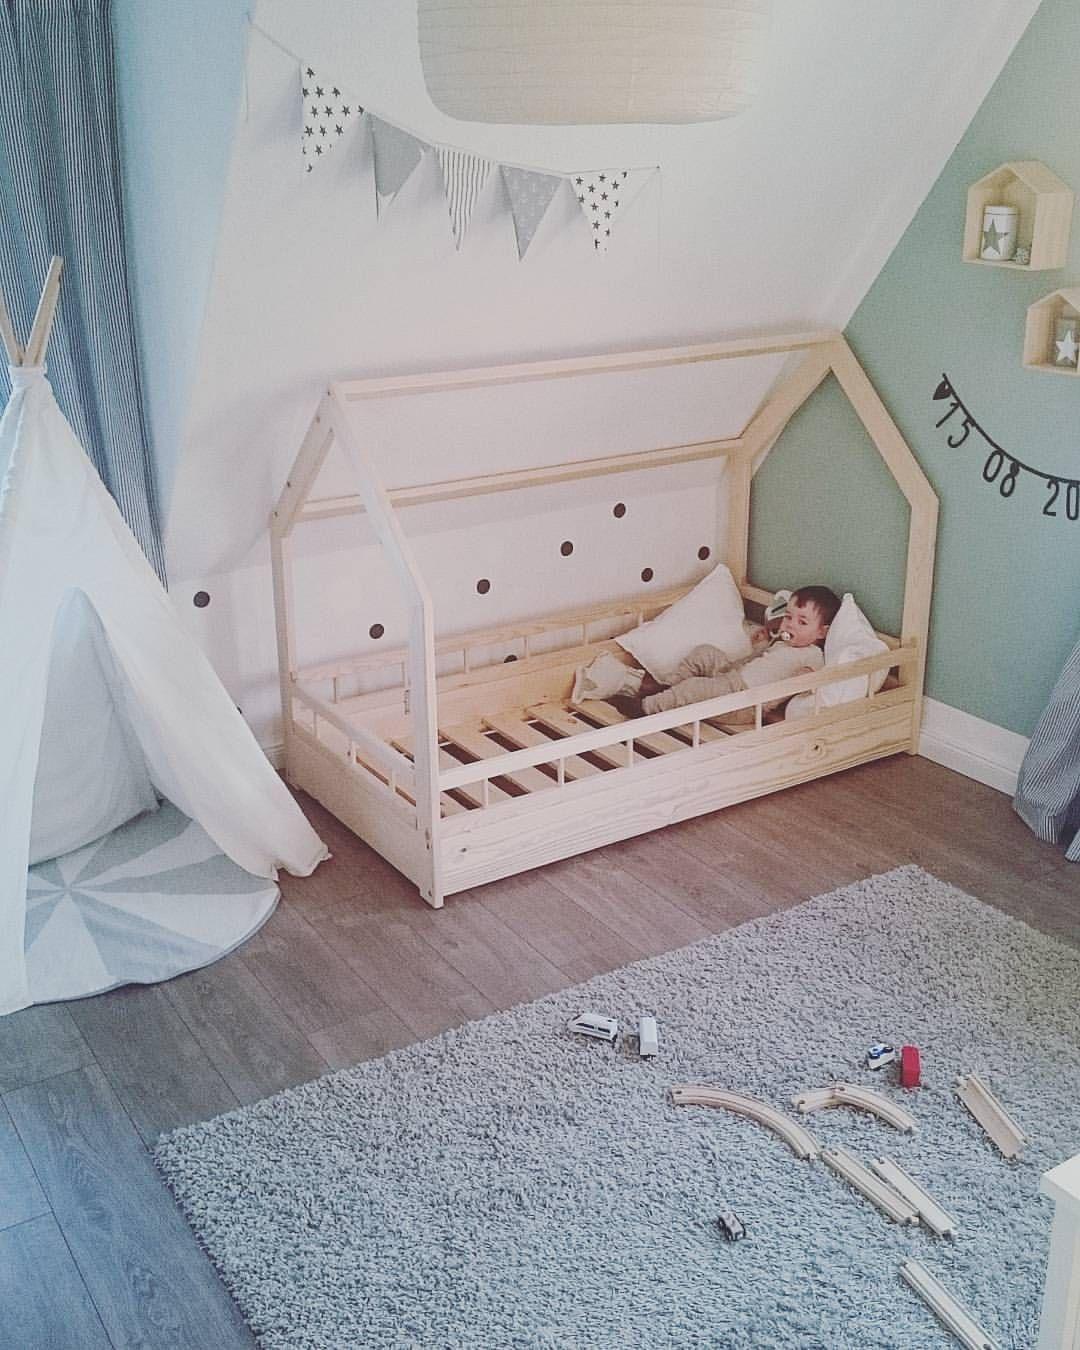 Neues schlafzimmer interieur gefällt  mal  kommentare  lisajanina auf instagram